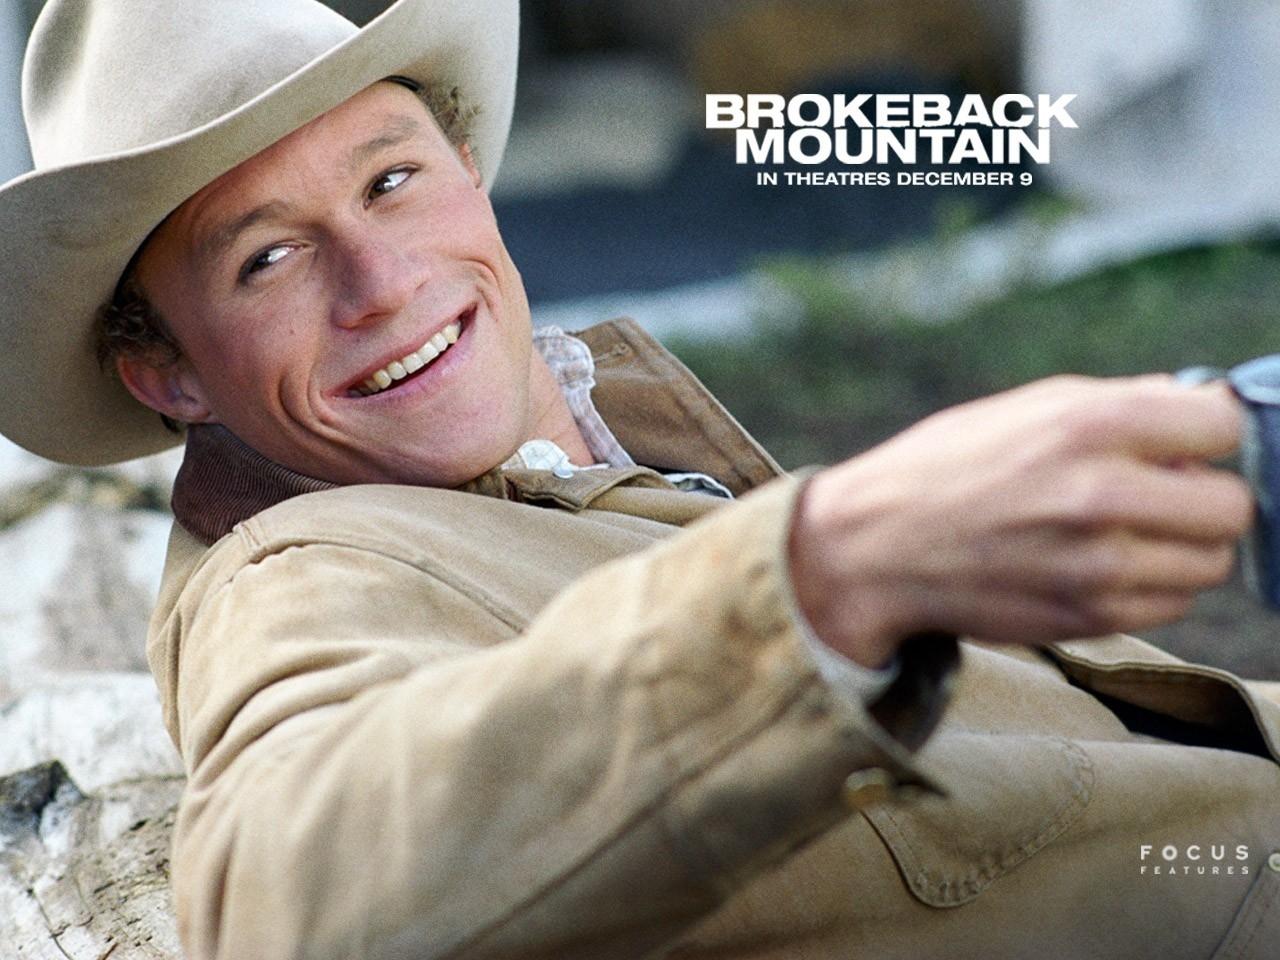 Wallpaper del film I segreti di Brokeback Mountain